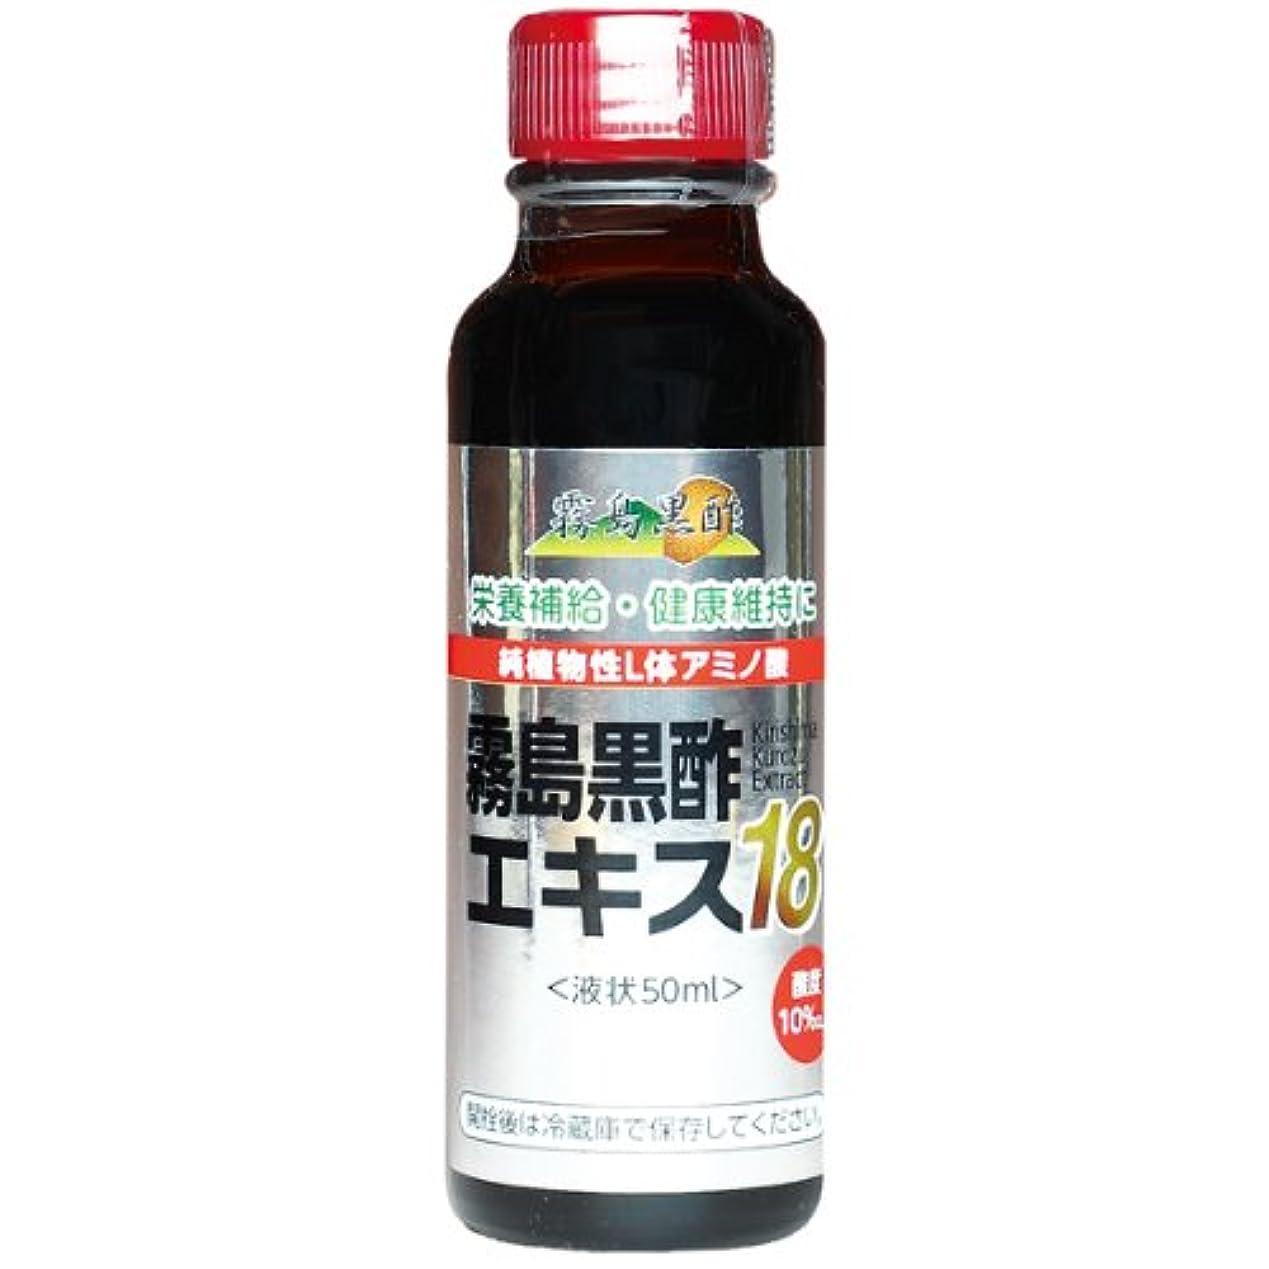 装備する進む雰囲気霧島黒酢 エキス18 50ml